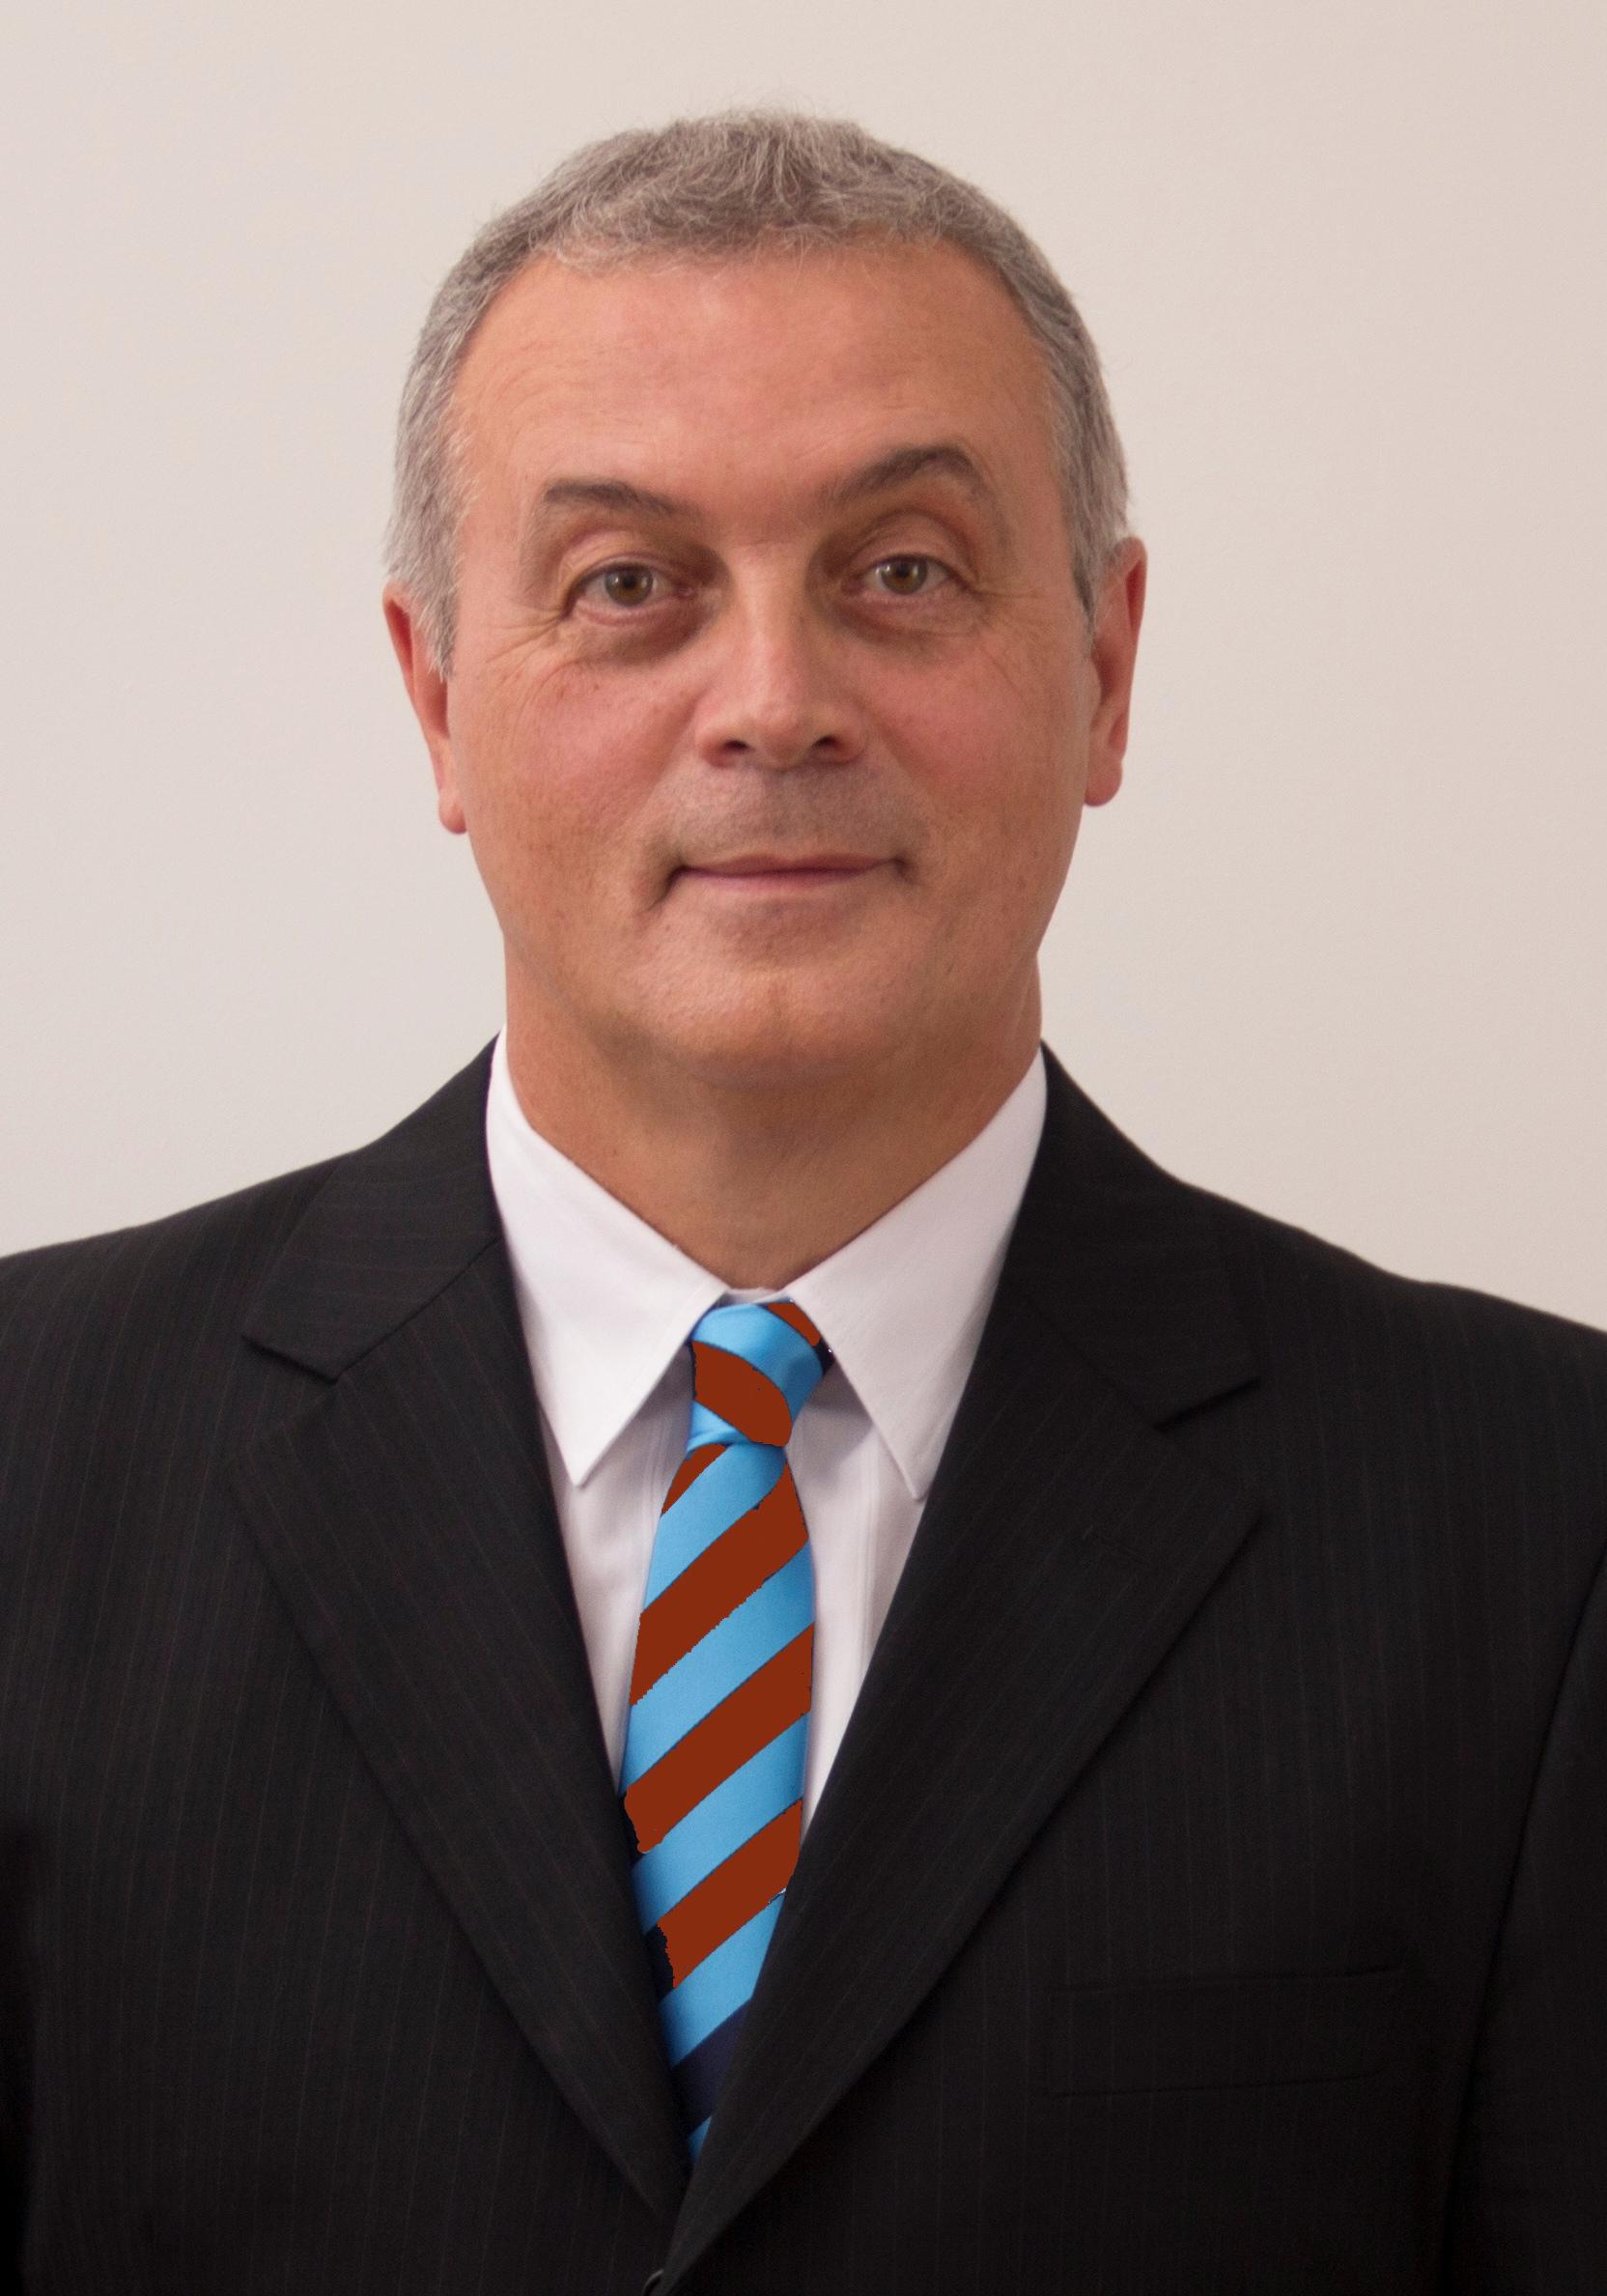 Zoran Popovich